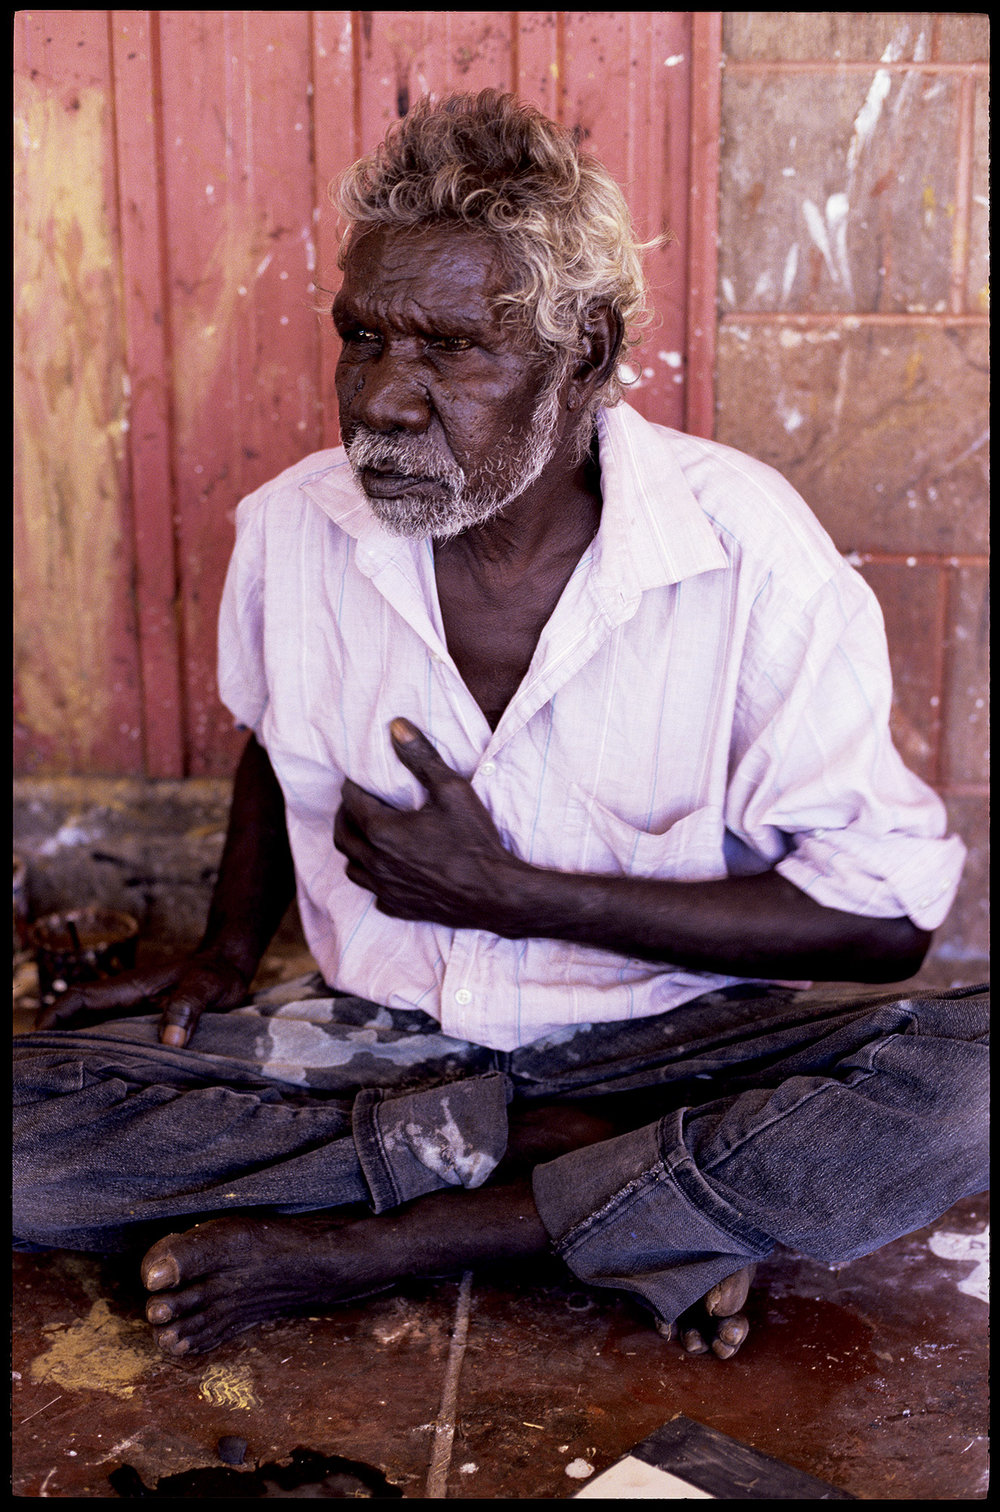 Bardayal 'Lofty' Nadjamerrek, Gunbalanya [Oenpelli], 1997